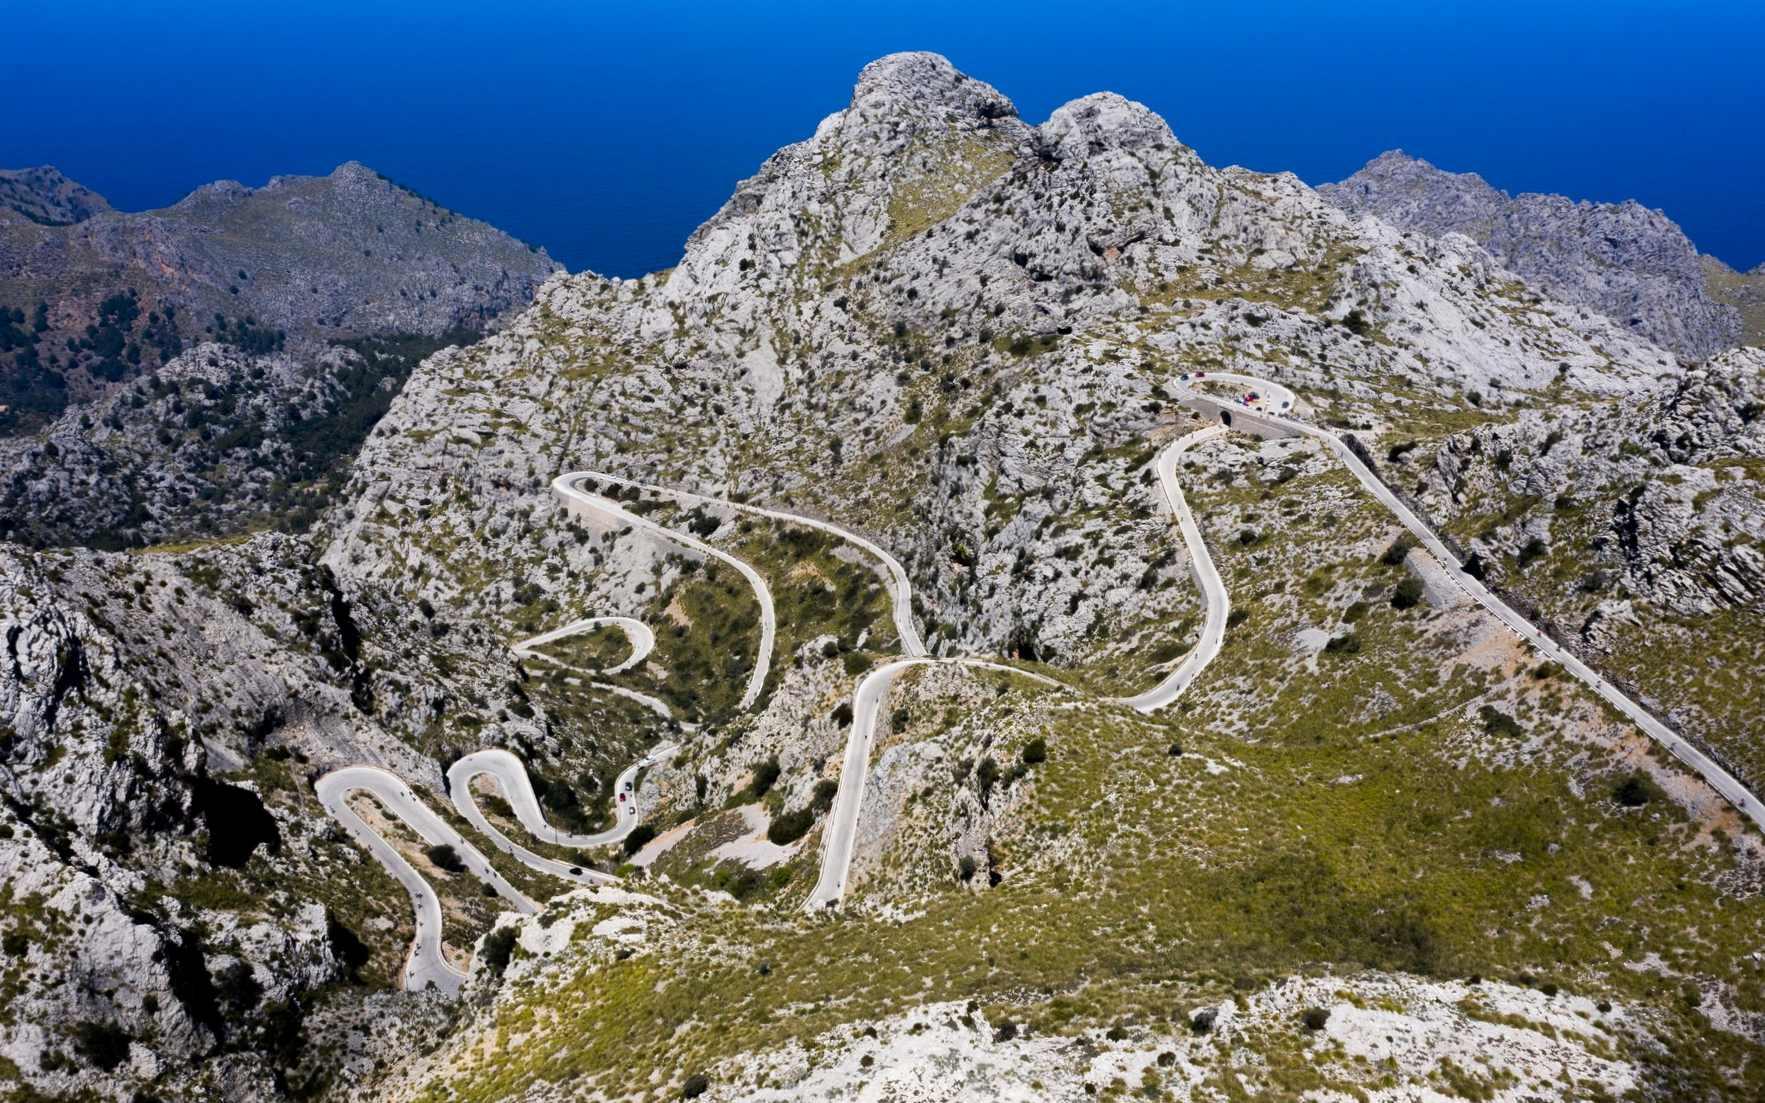 Zdjęcie z drona zrobione na Majorce, widać na nim drogę do Sa Calobra.